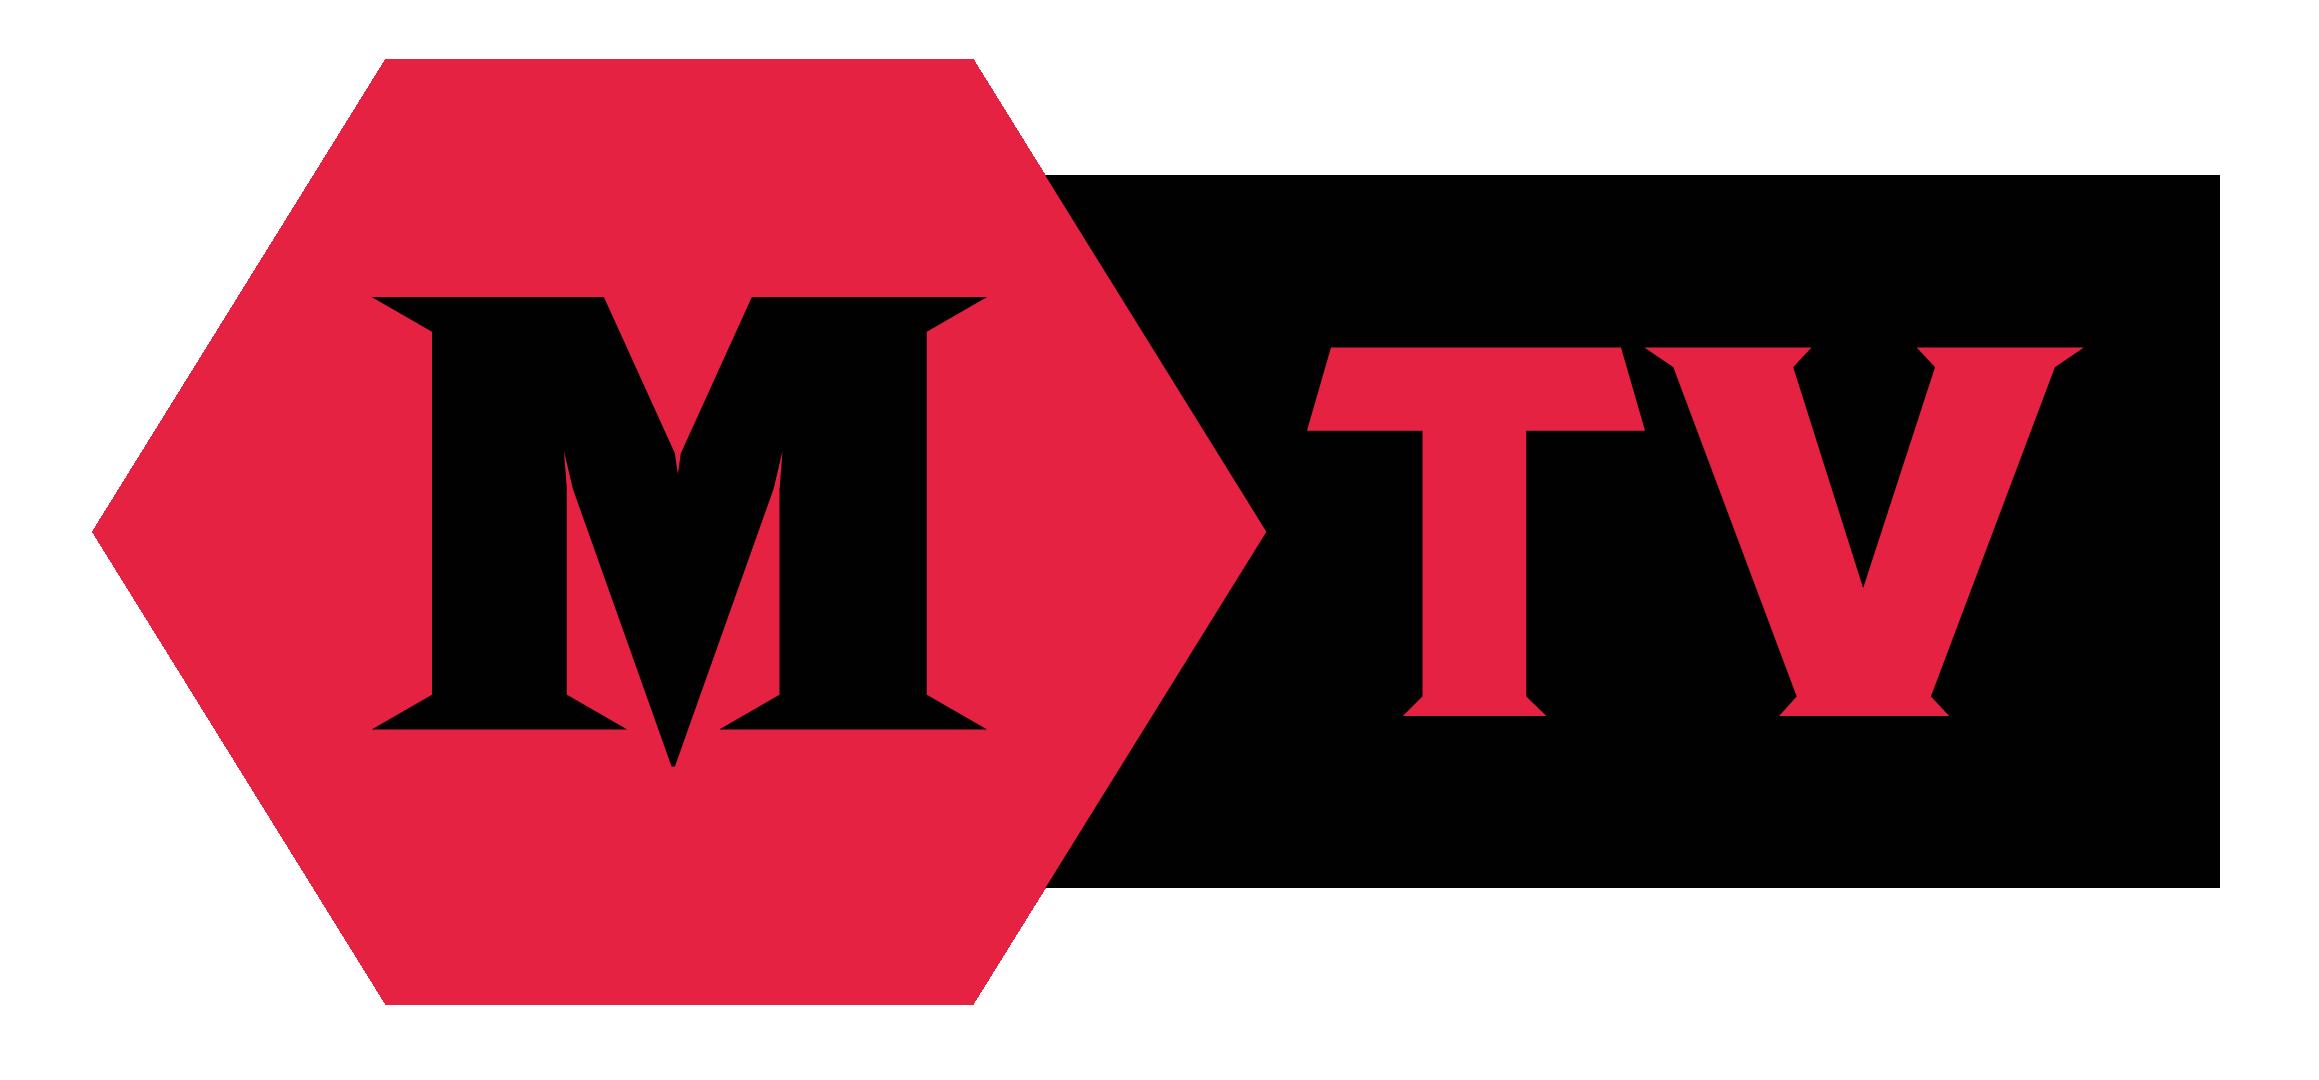 TerrorMolinsTV